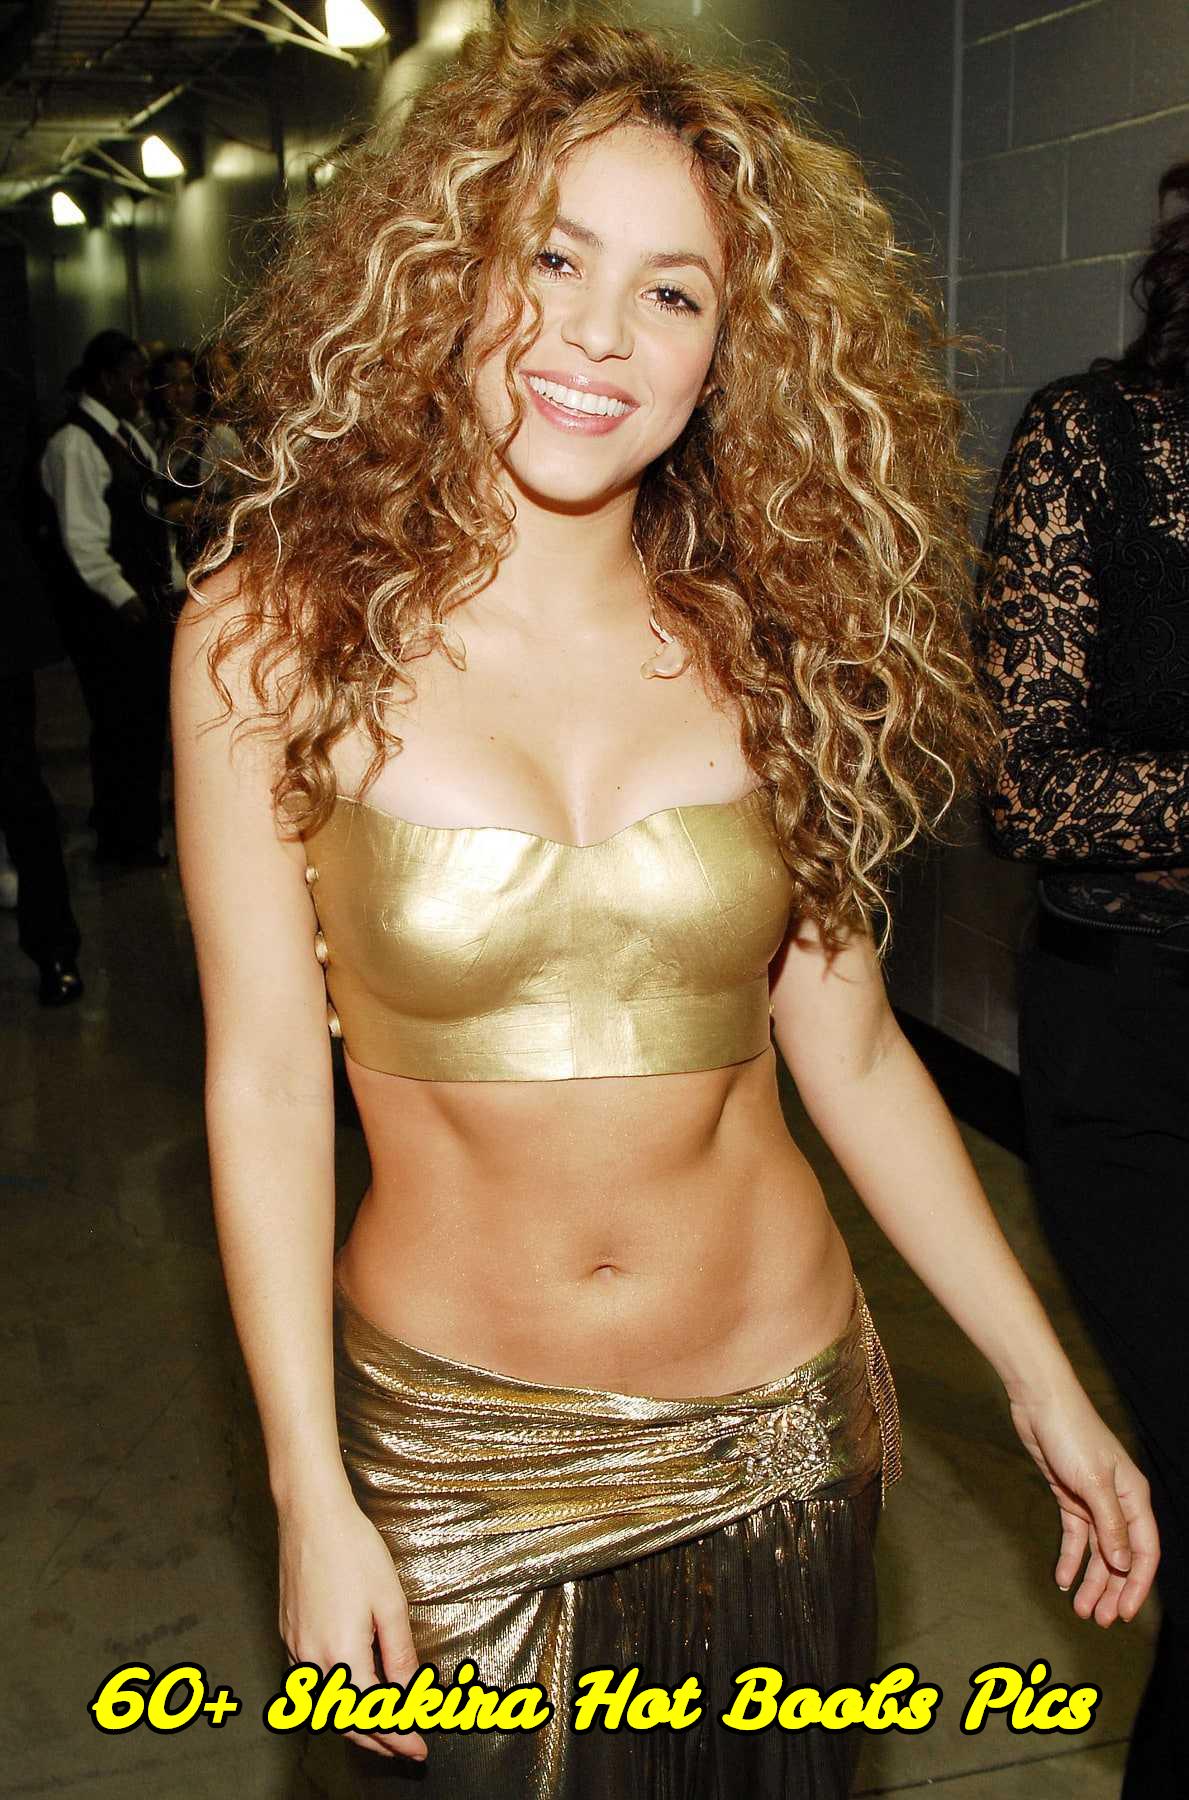 Shakira hot boobs pics